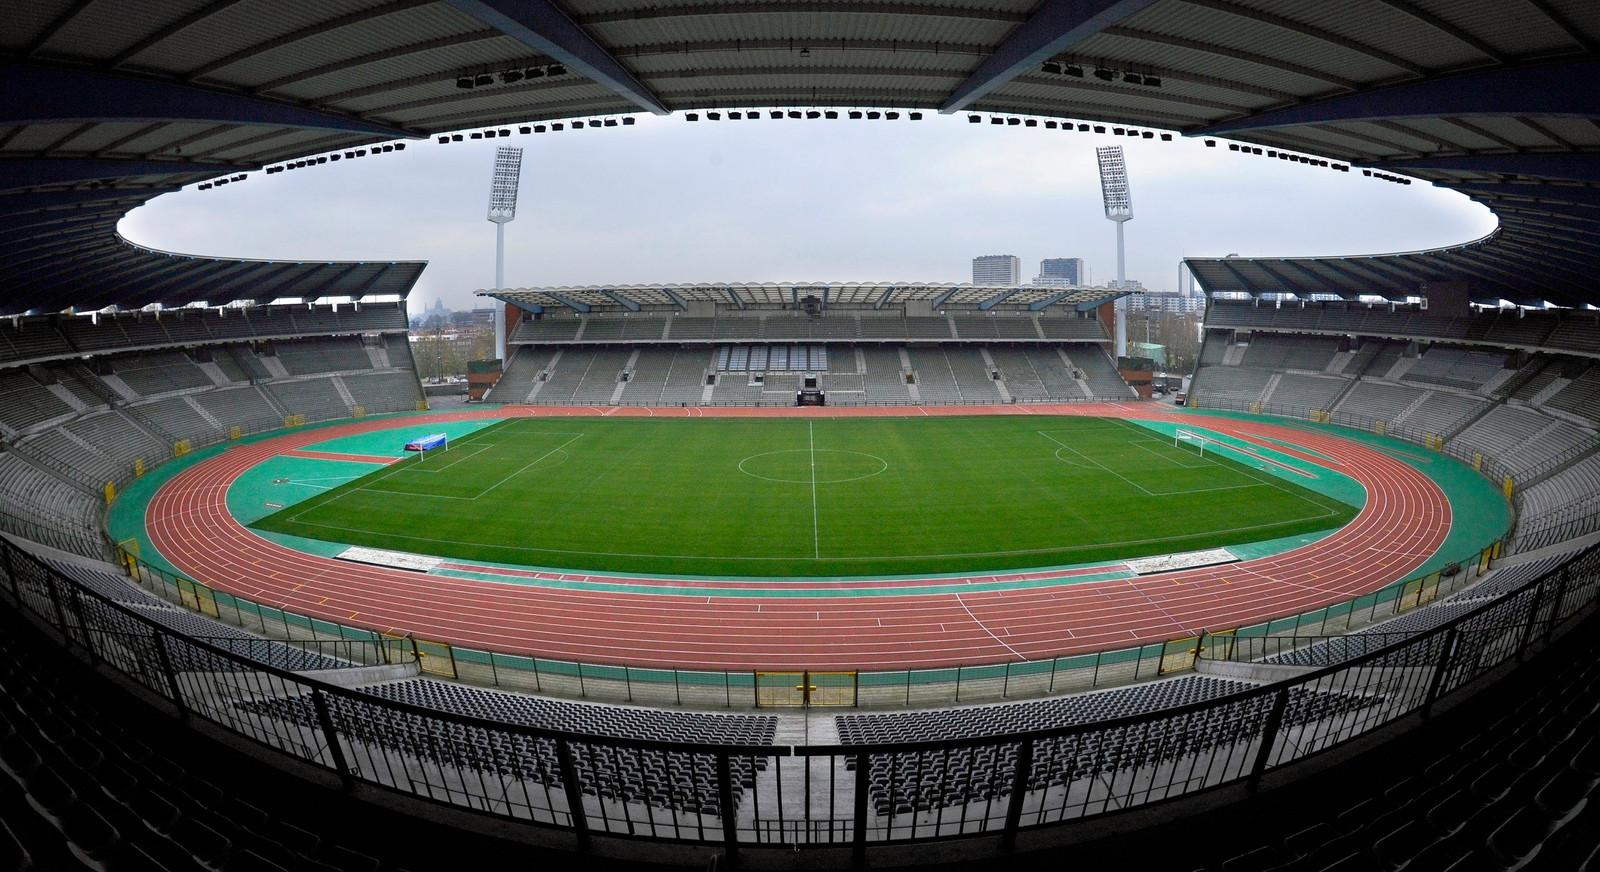 Le stade Roi Baudouin, à Bruxelles